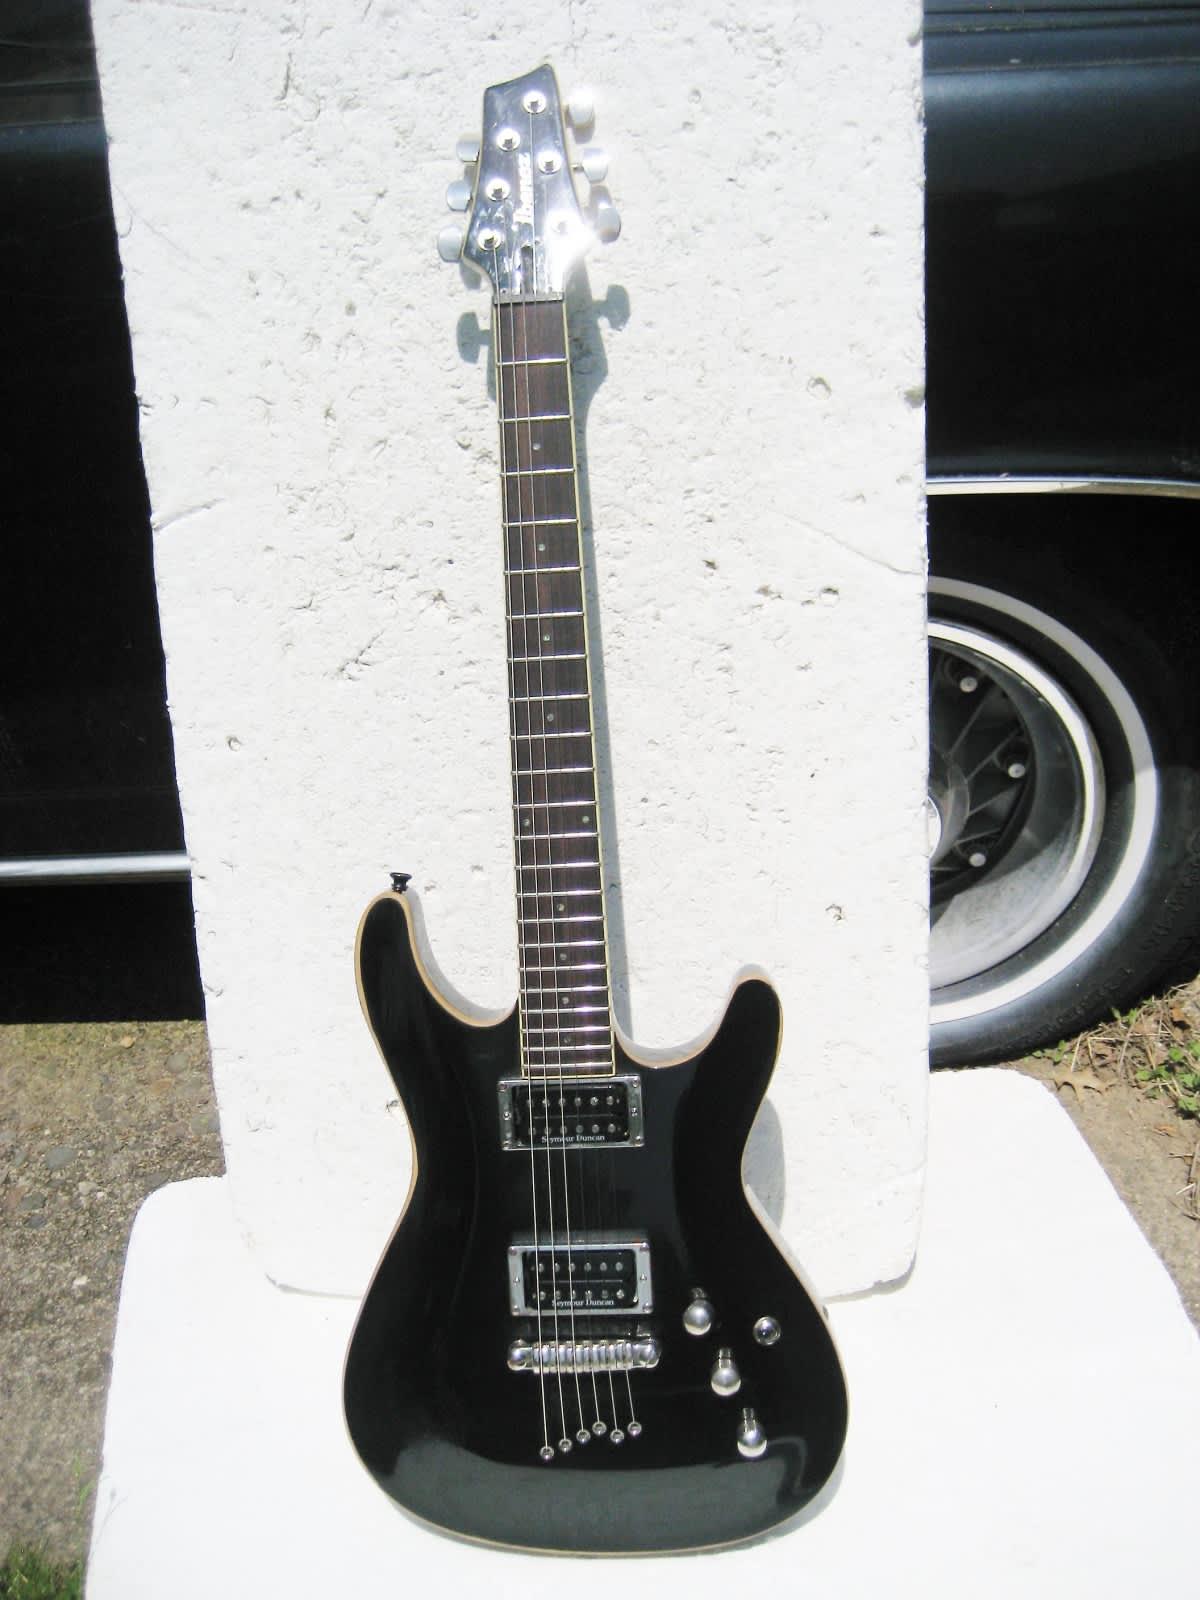 ibanez guitar korea usa duncan pickups 59 and jb set reverb. Black Bedroom Furniture Sets. Home Design Ideas